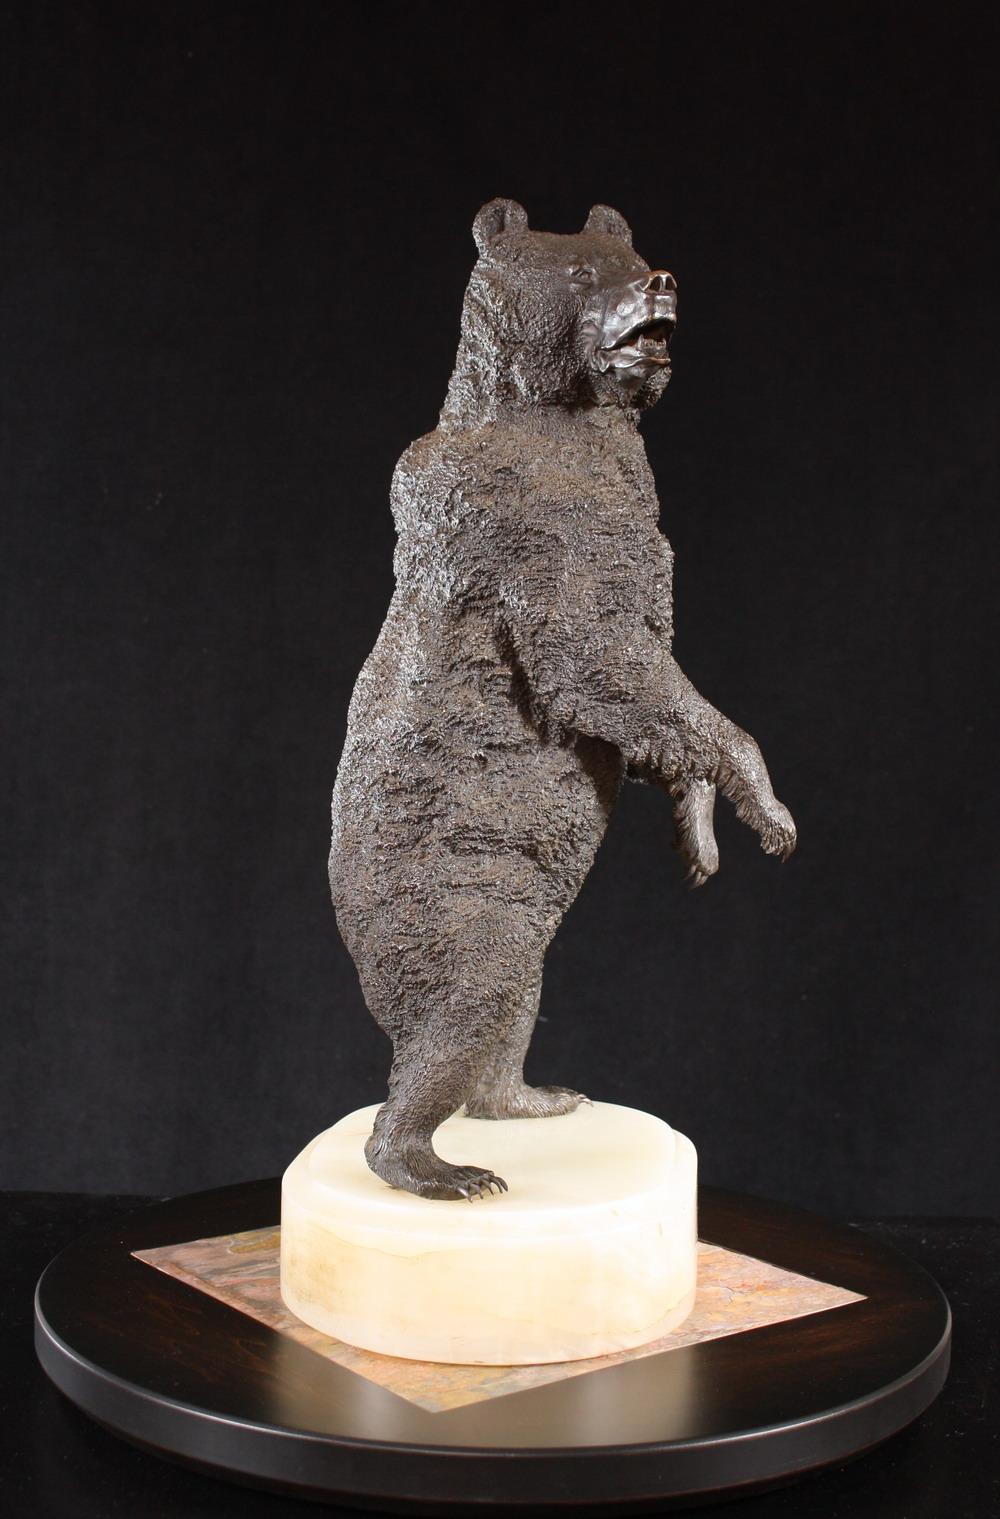 бронза либерих медведь на задних лапах